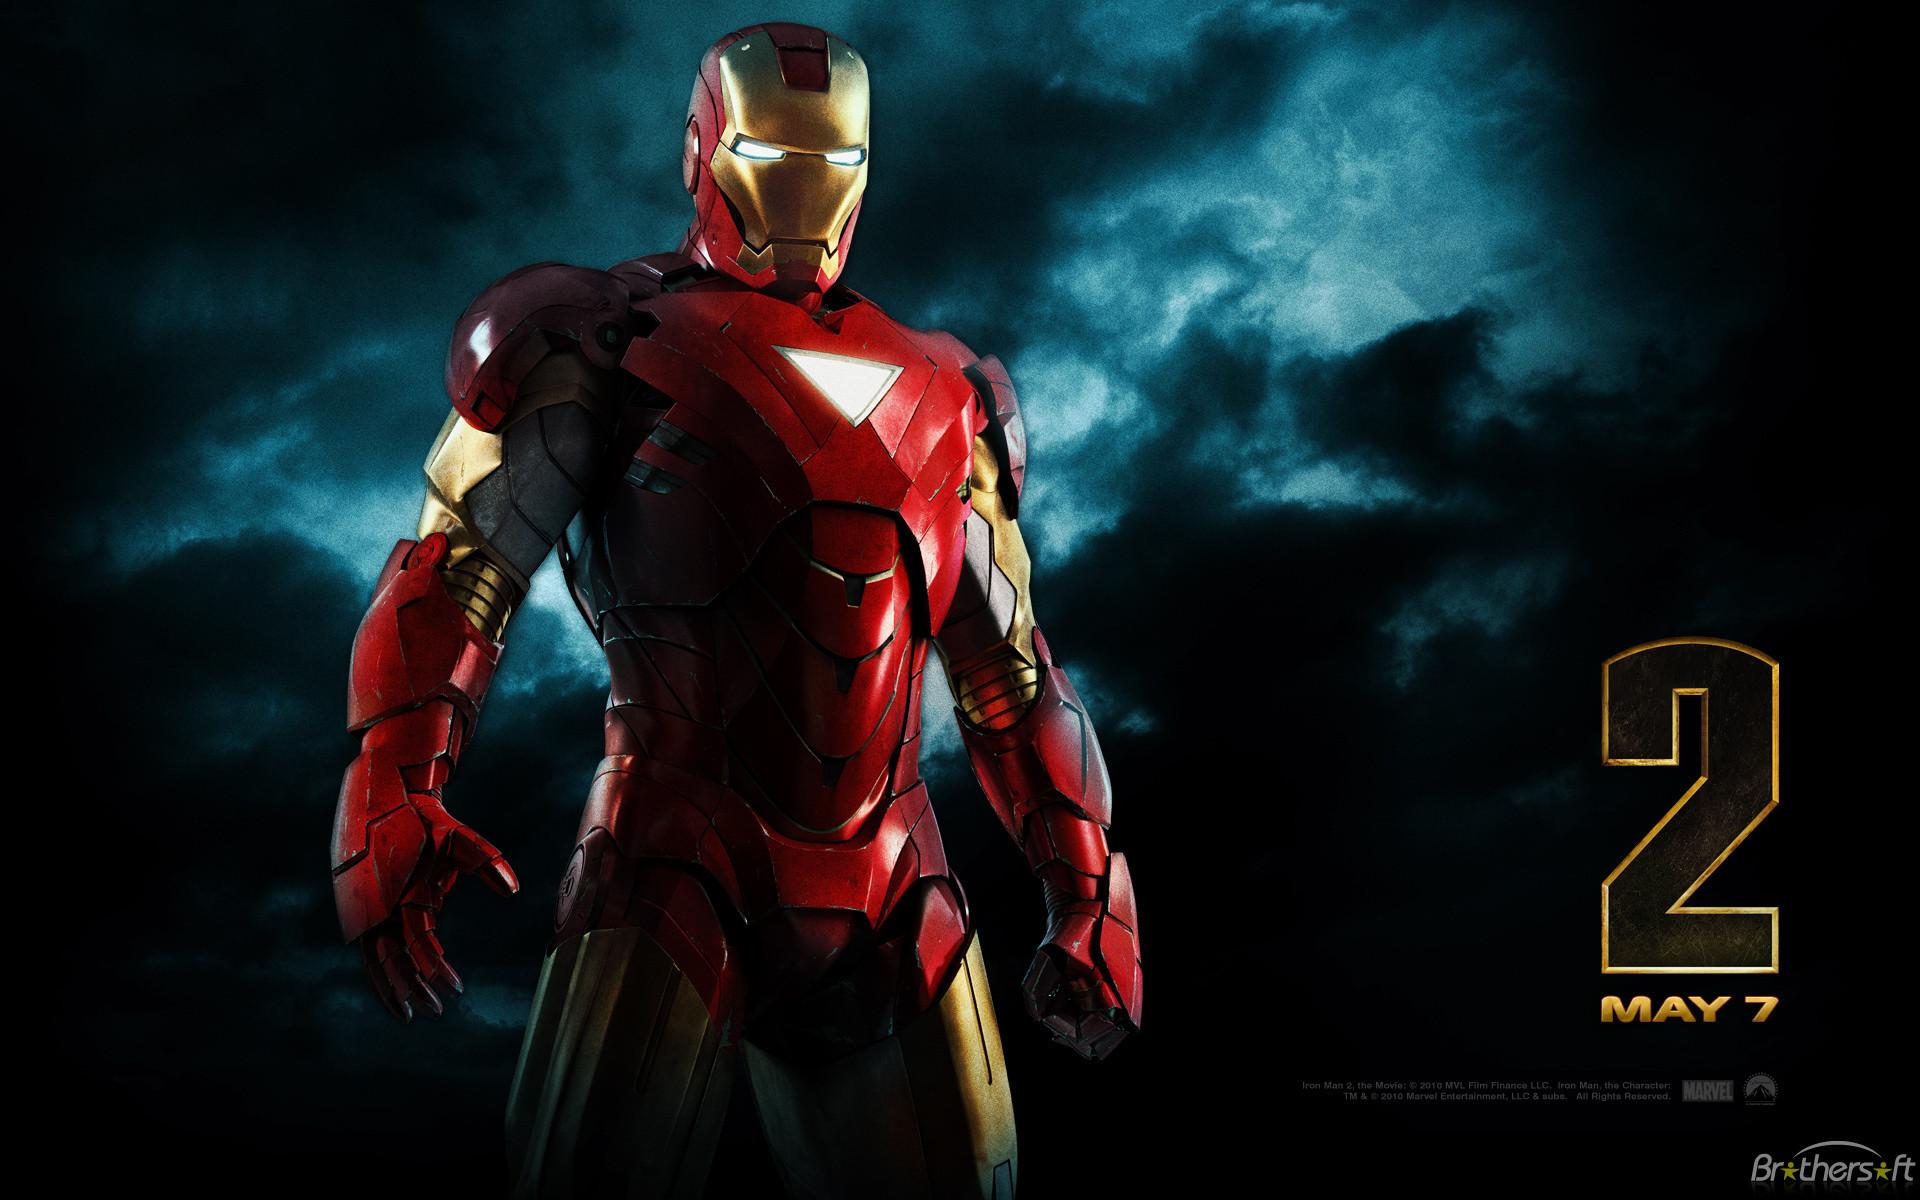 Download Free Iron Man 2 Wallpaper, Iron Man 2 Wallpaper 1.0 Download